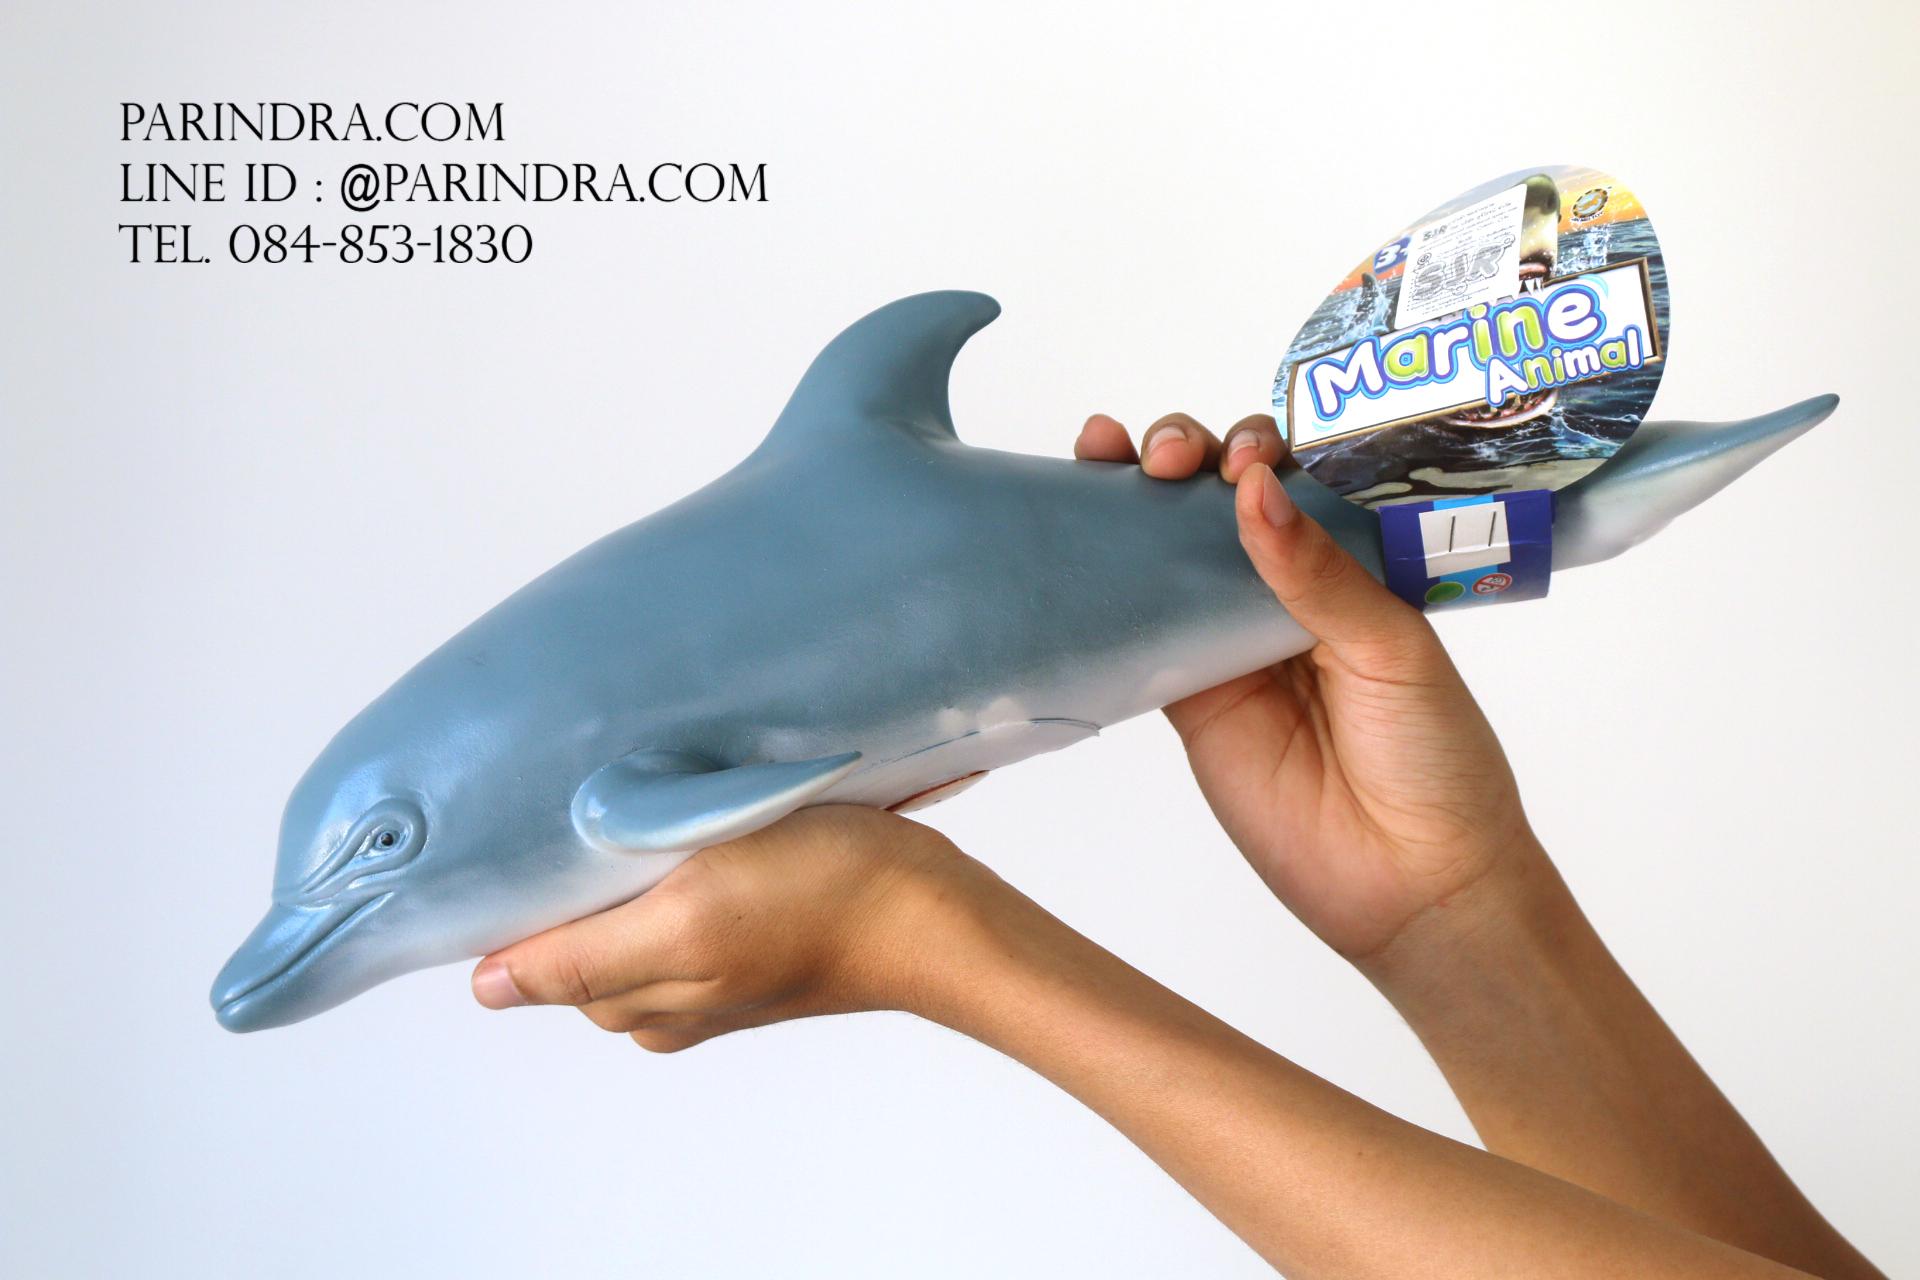 โมเดลปลาโลมา Dolphin แบบยางอ่อนนุ่มนิ่ม ตั้งโชว์สวย ขนาดใหญ่ 16 นิ้ว